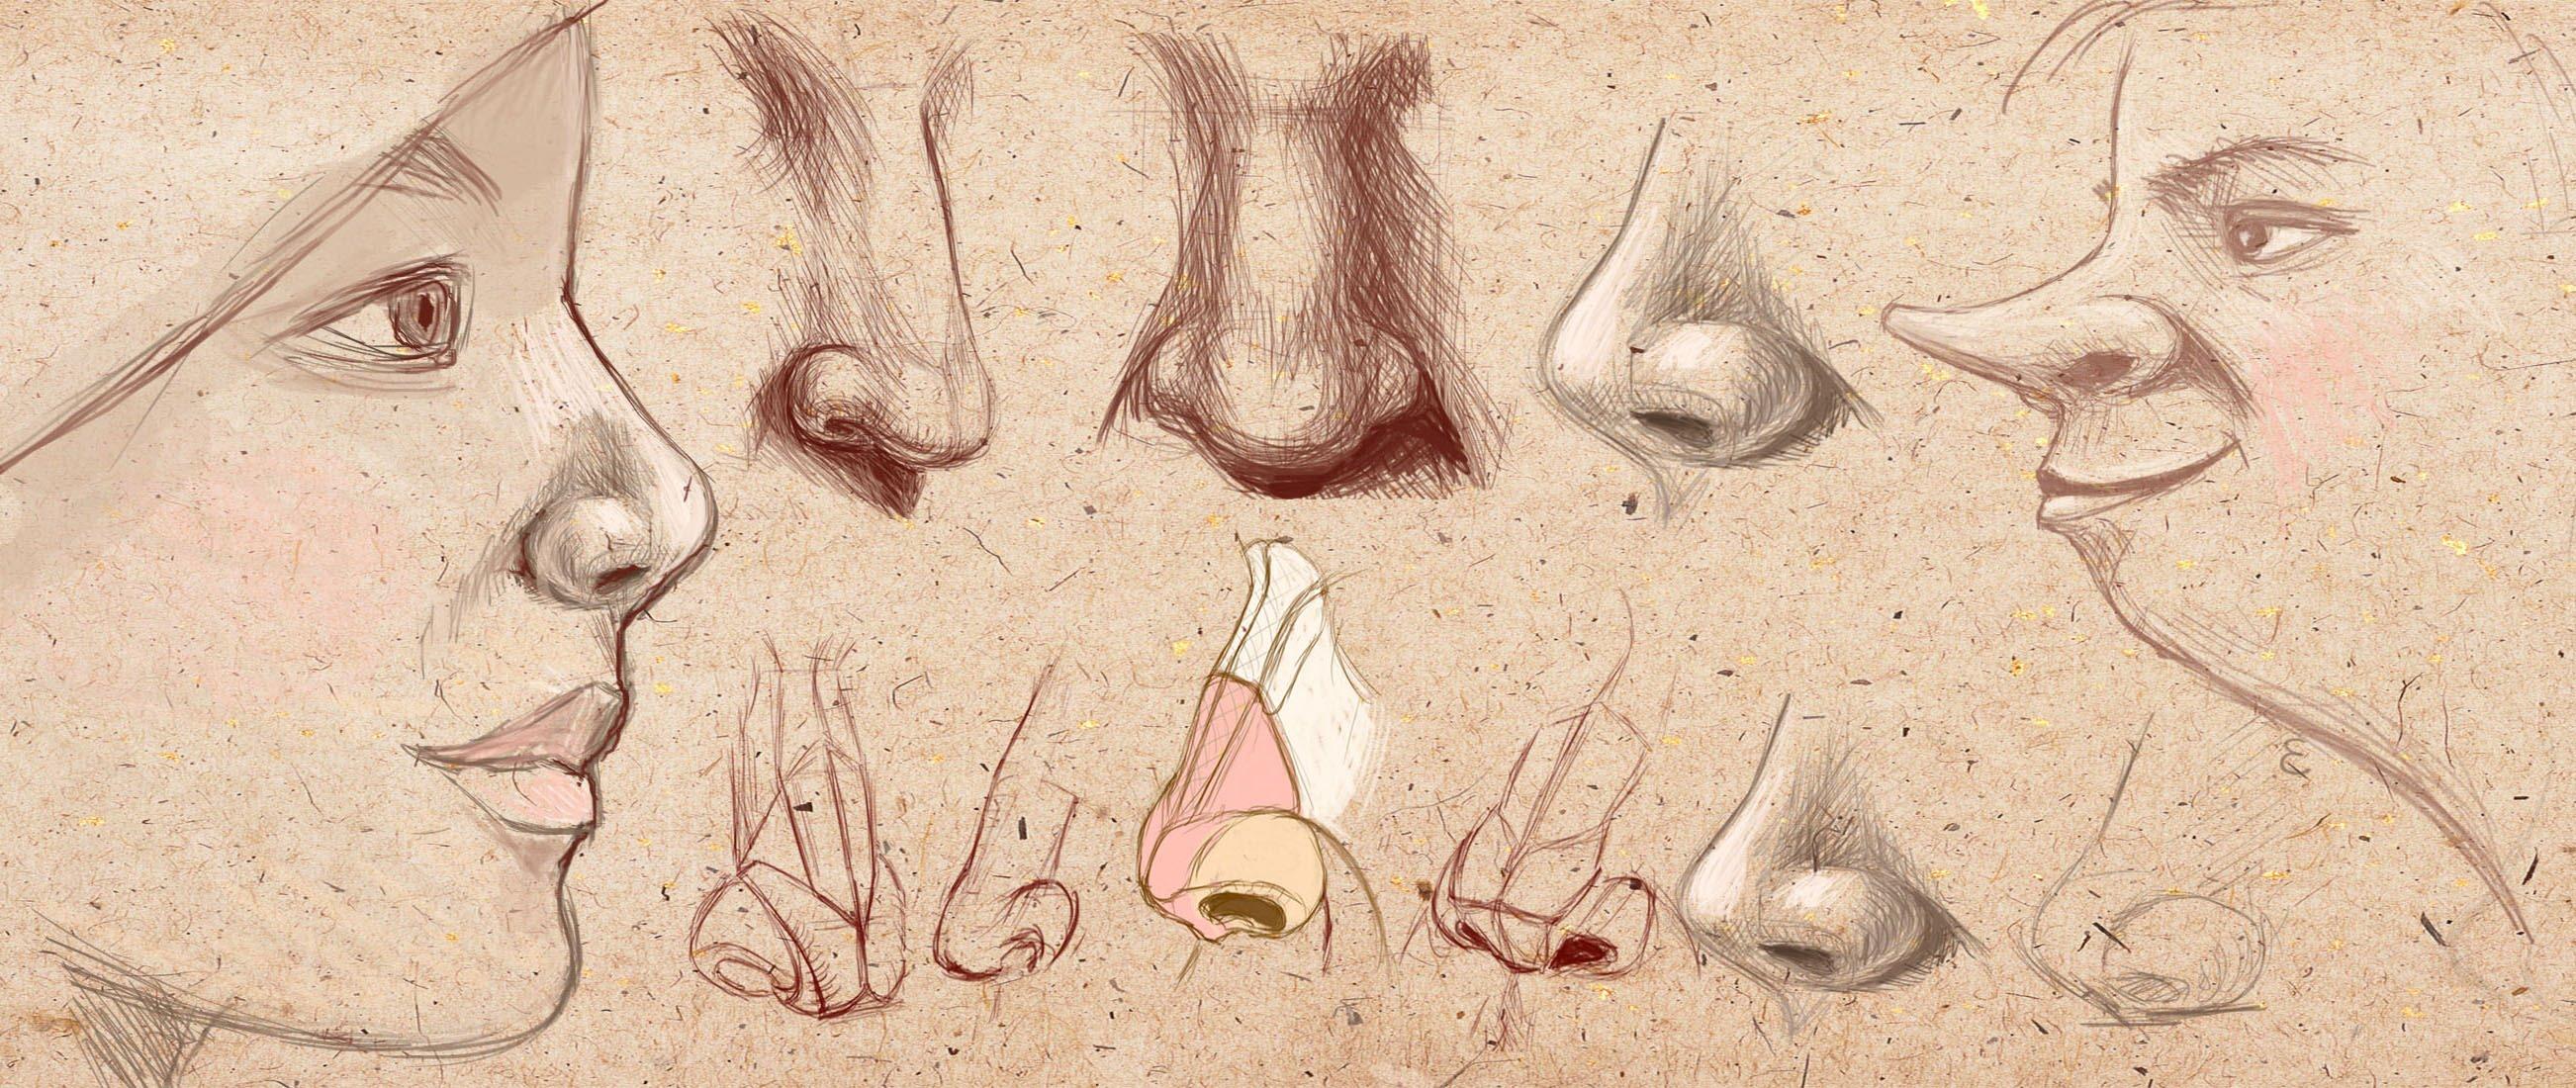 как нарисовать нос человека карандашом поэтапно для начинающих